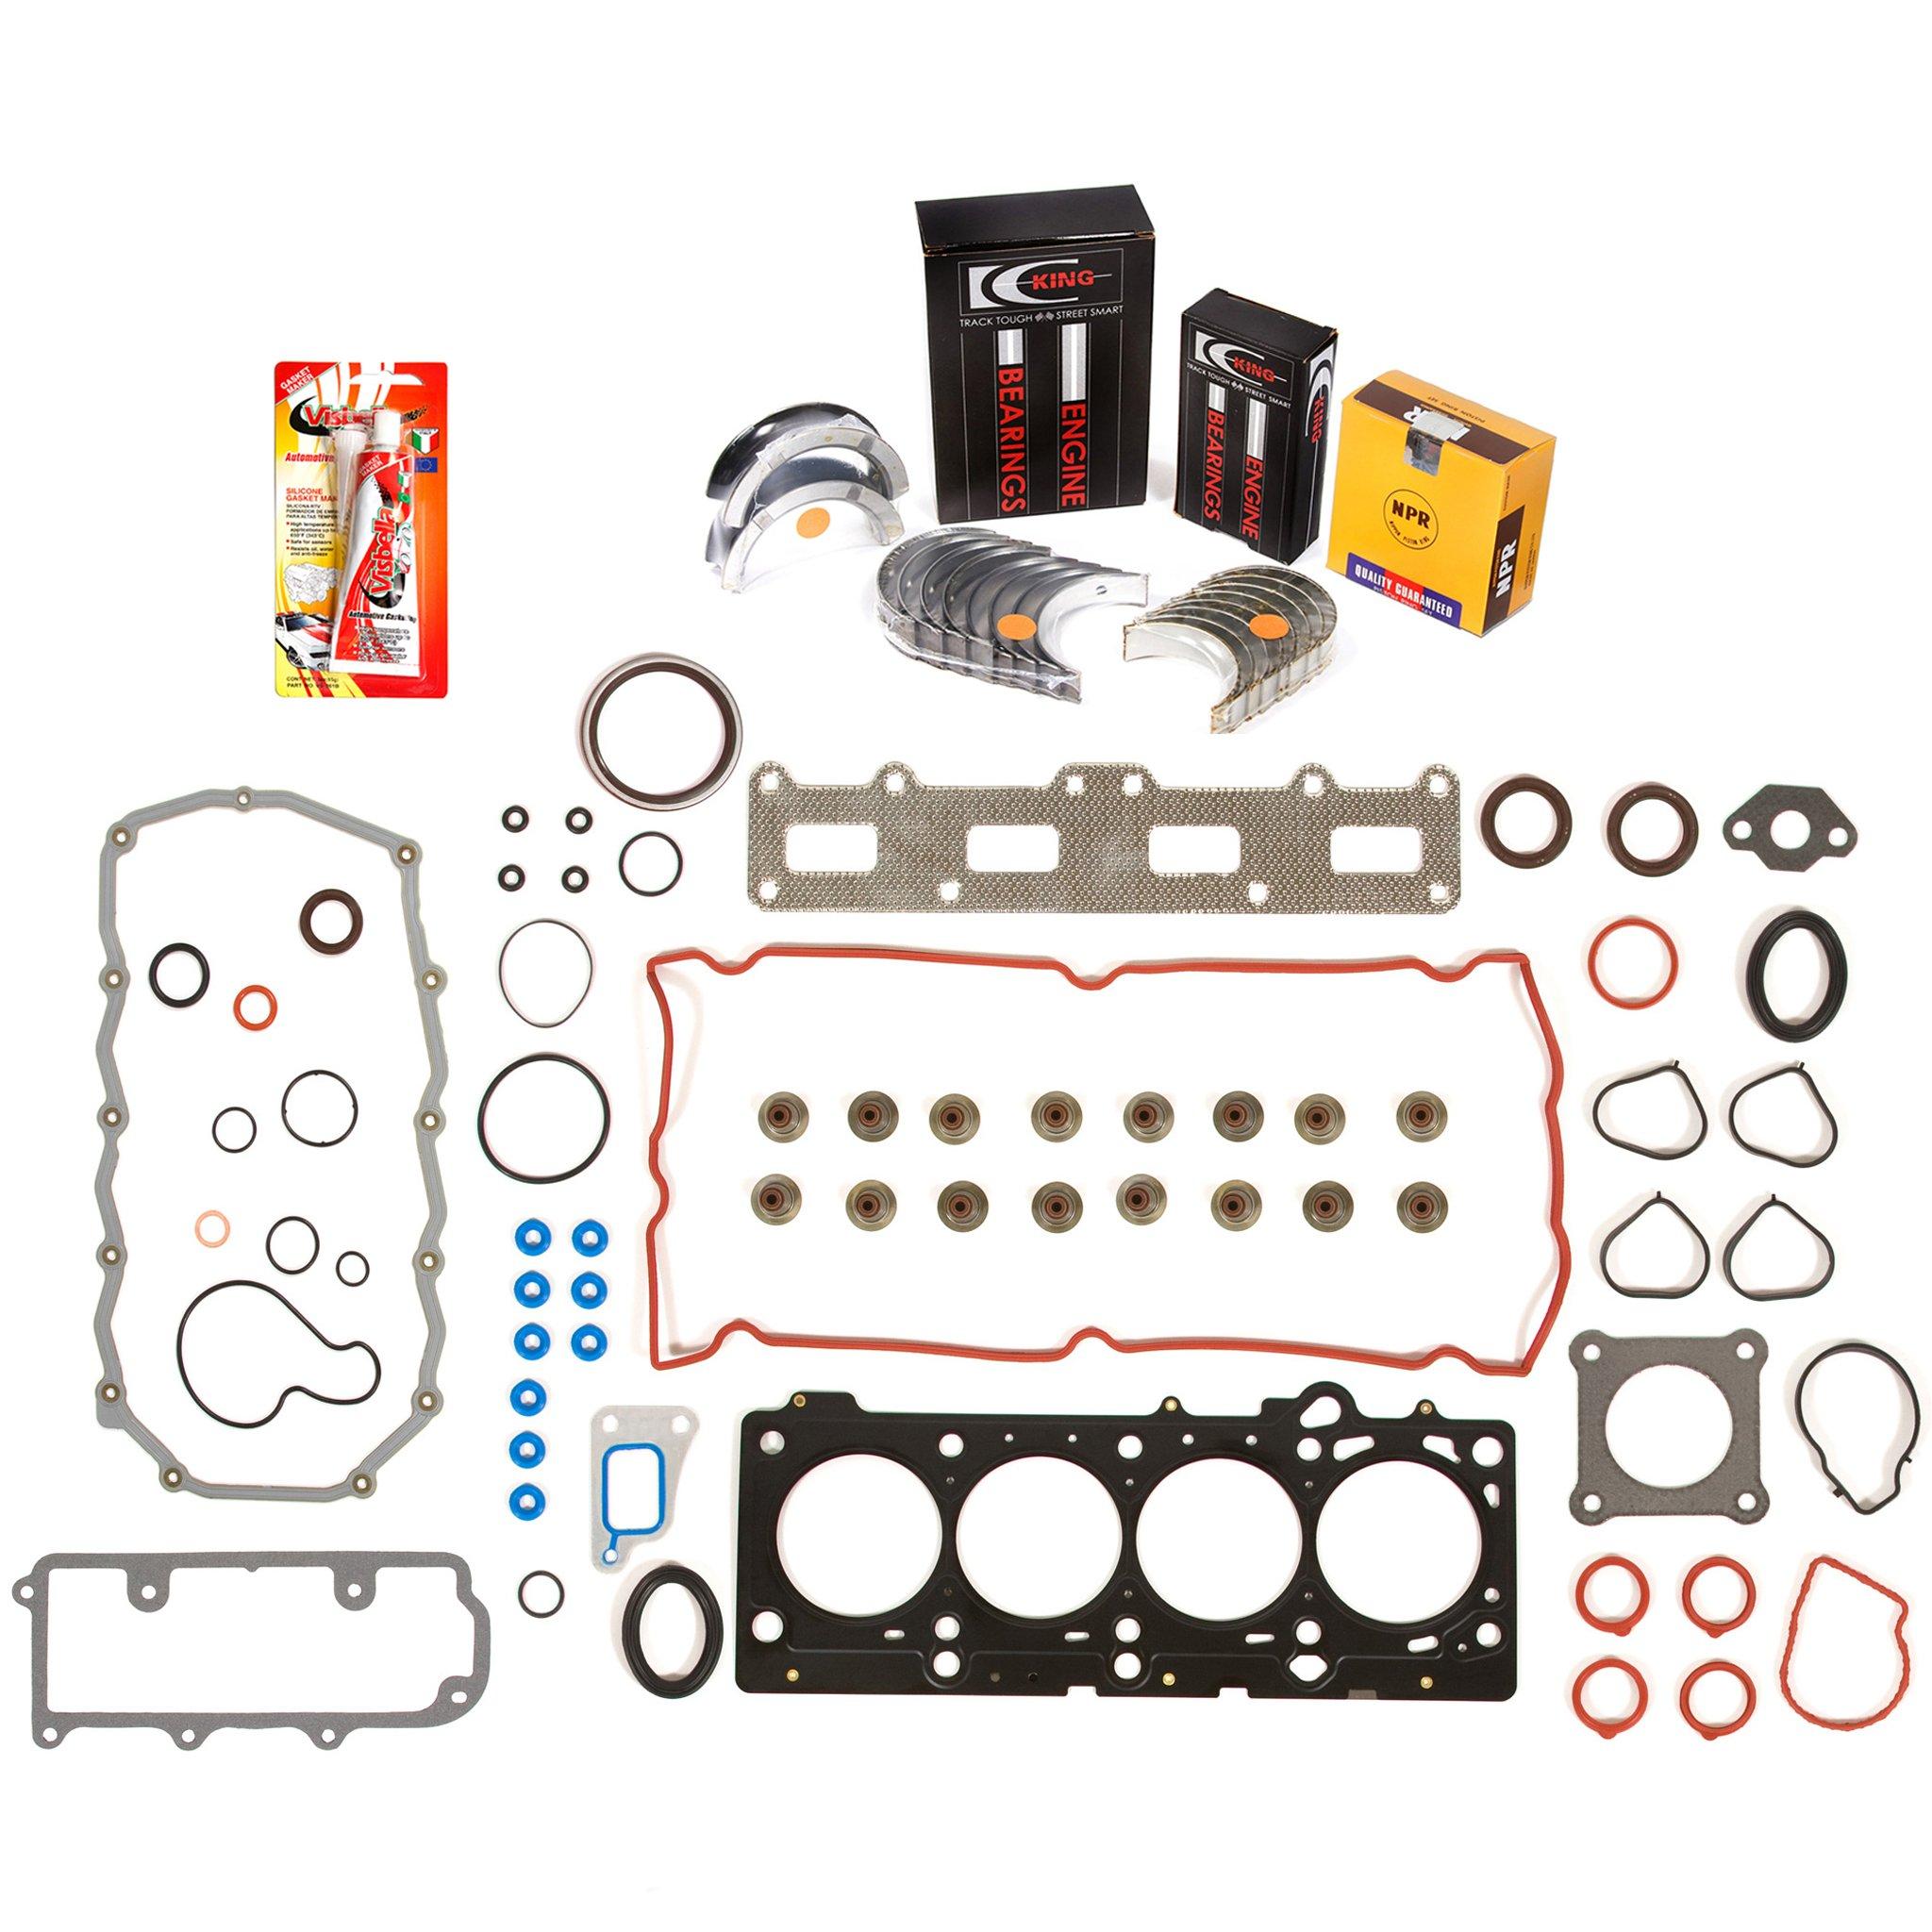 Domestic Gaskets Engine Rering Kit FSBRR8-30105\0\0\0 05-08 Dodge Chrysler 2.4 DOHC VIN J, X Full Gasket Set, Standard Size Main Rod Bearings, Standard Size Piston Rings